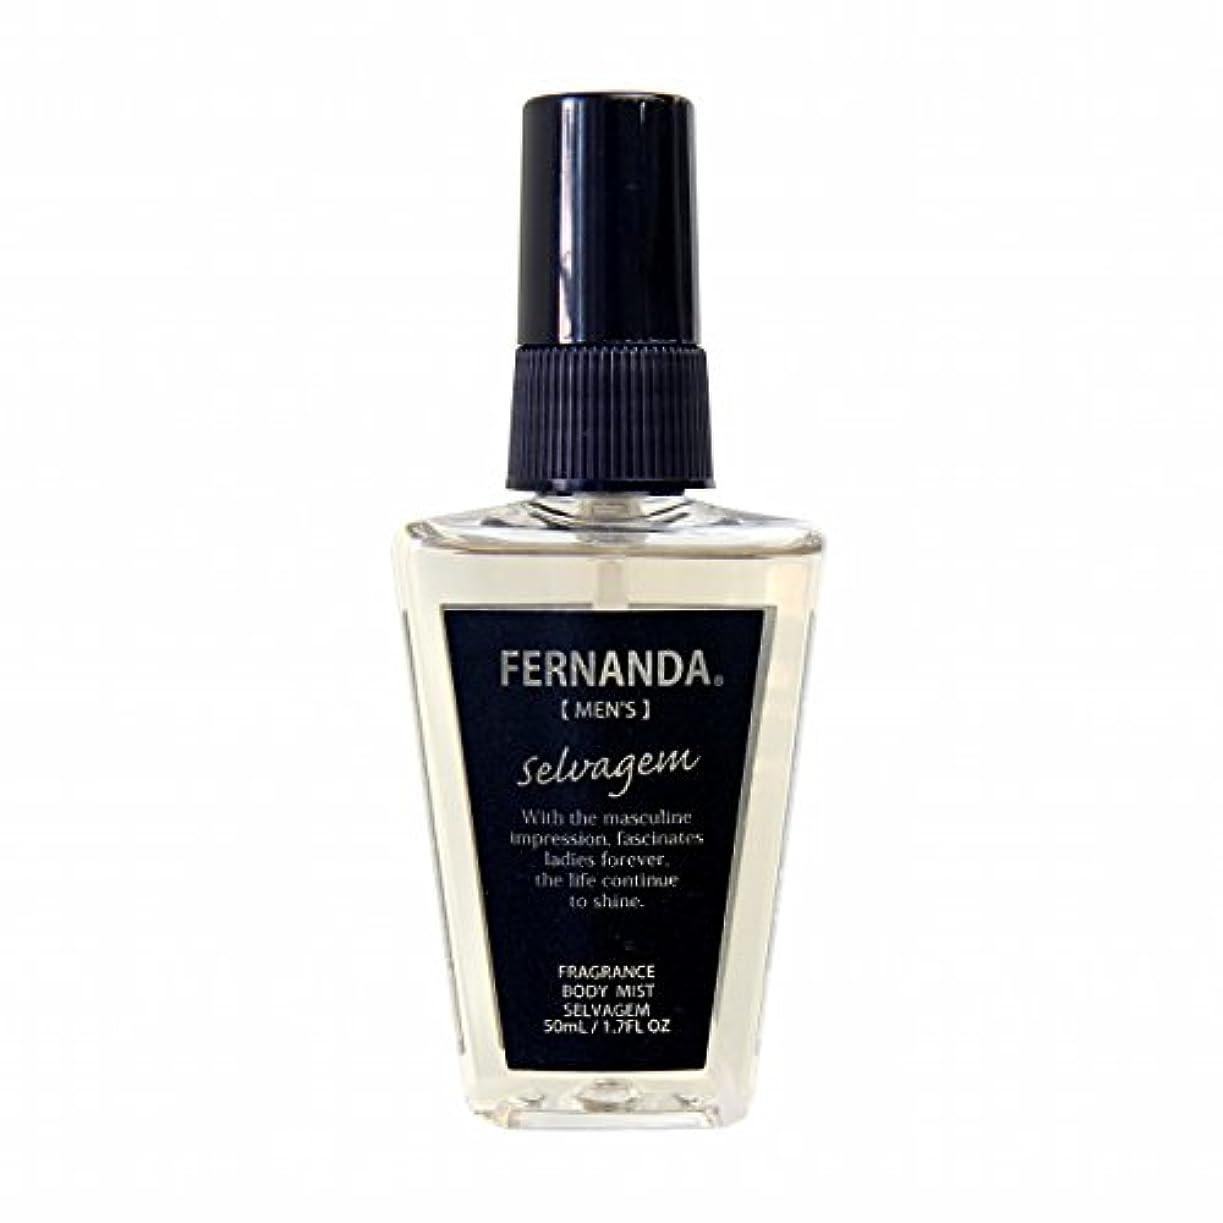 廃棄はっきりしない決定するFERNANDA(フェルナンダ) Body Mist For MEN Selvagem (ボディミスト フォーメン セルヴァジェン)